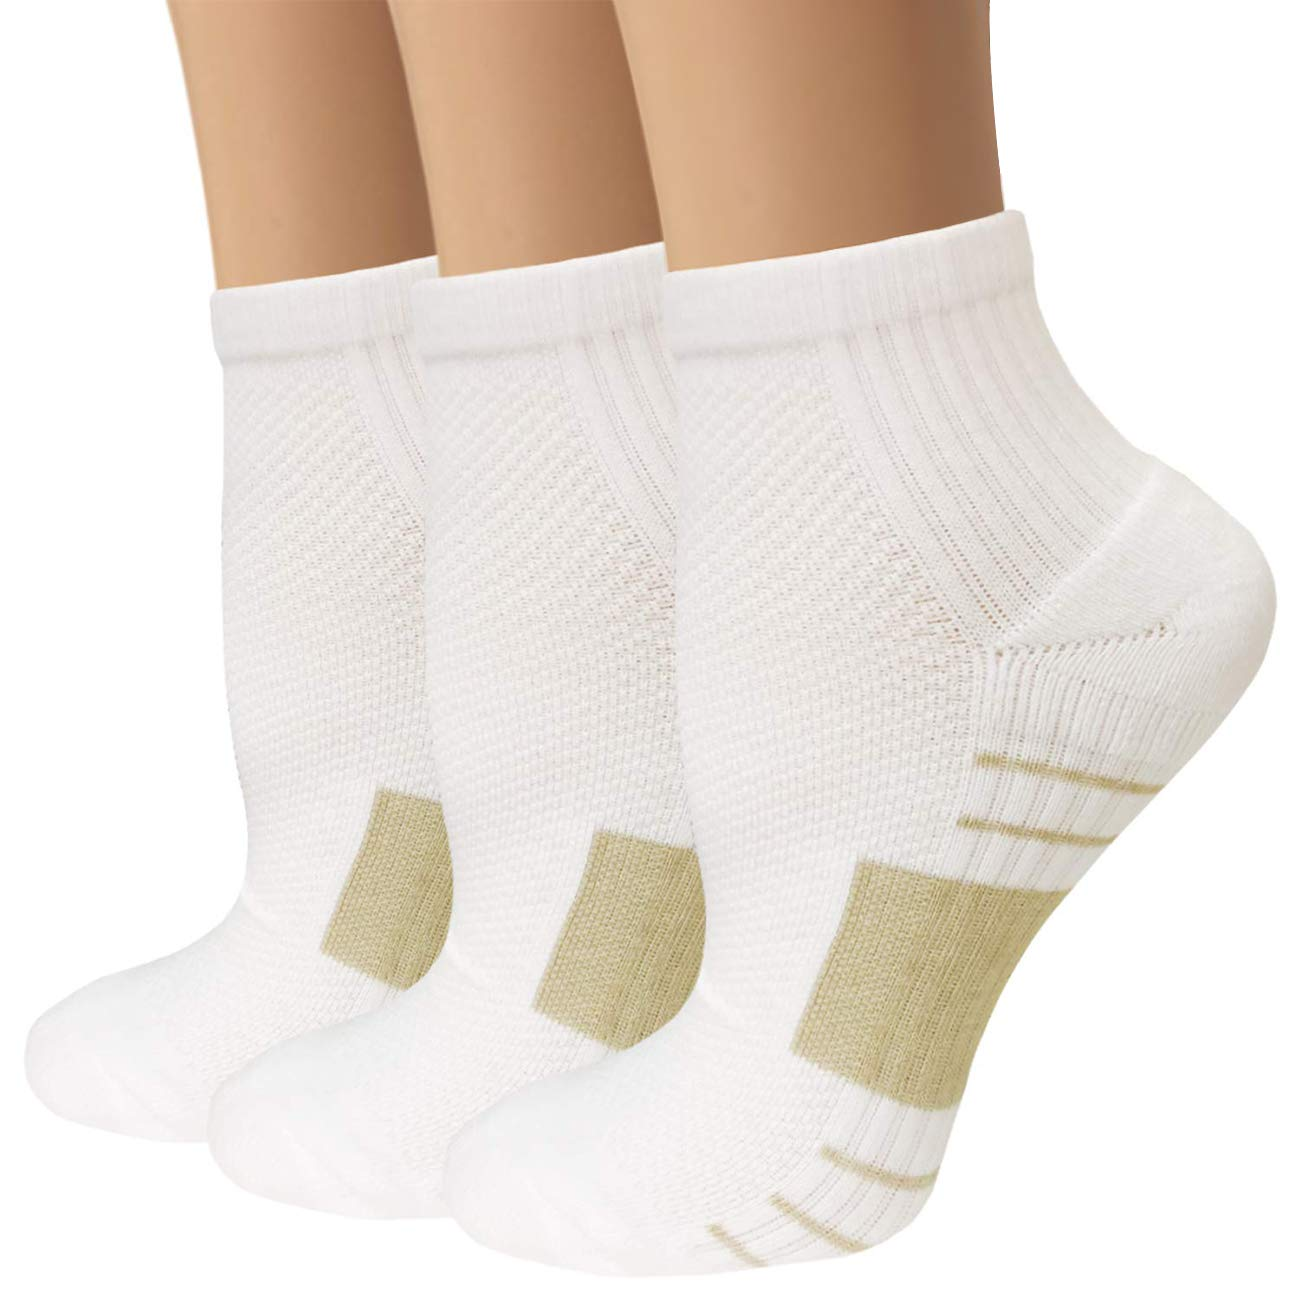 【年中無休】 男性/女性用ニーハイGraduated Compression Socks (7パック) – 15 Large X-Large|3white X-Large – 20 mm Hg – 通気性 – 防止疲労/腫れ B07LGQDWY5 3white Large/ X-Large Large/ X-Large|3white, 香焼町:5b42b392 --- ballyshannonshow.com